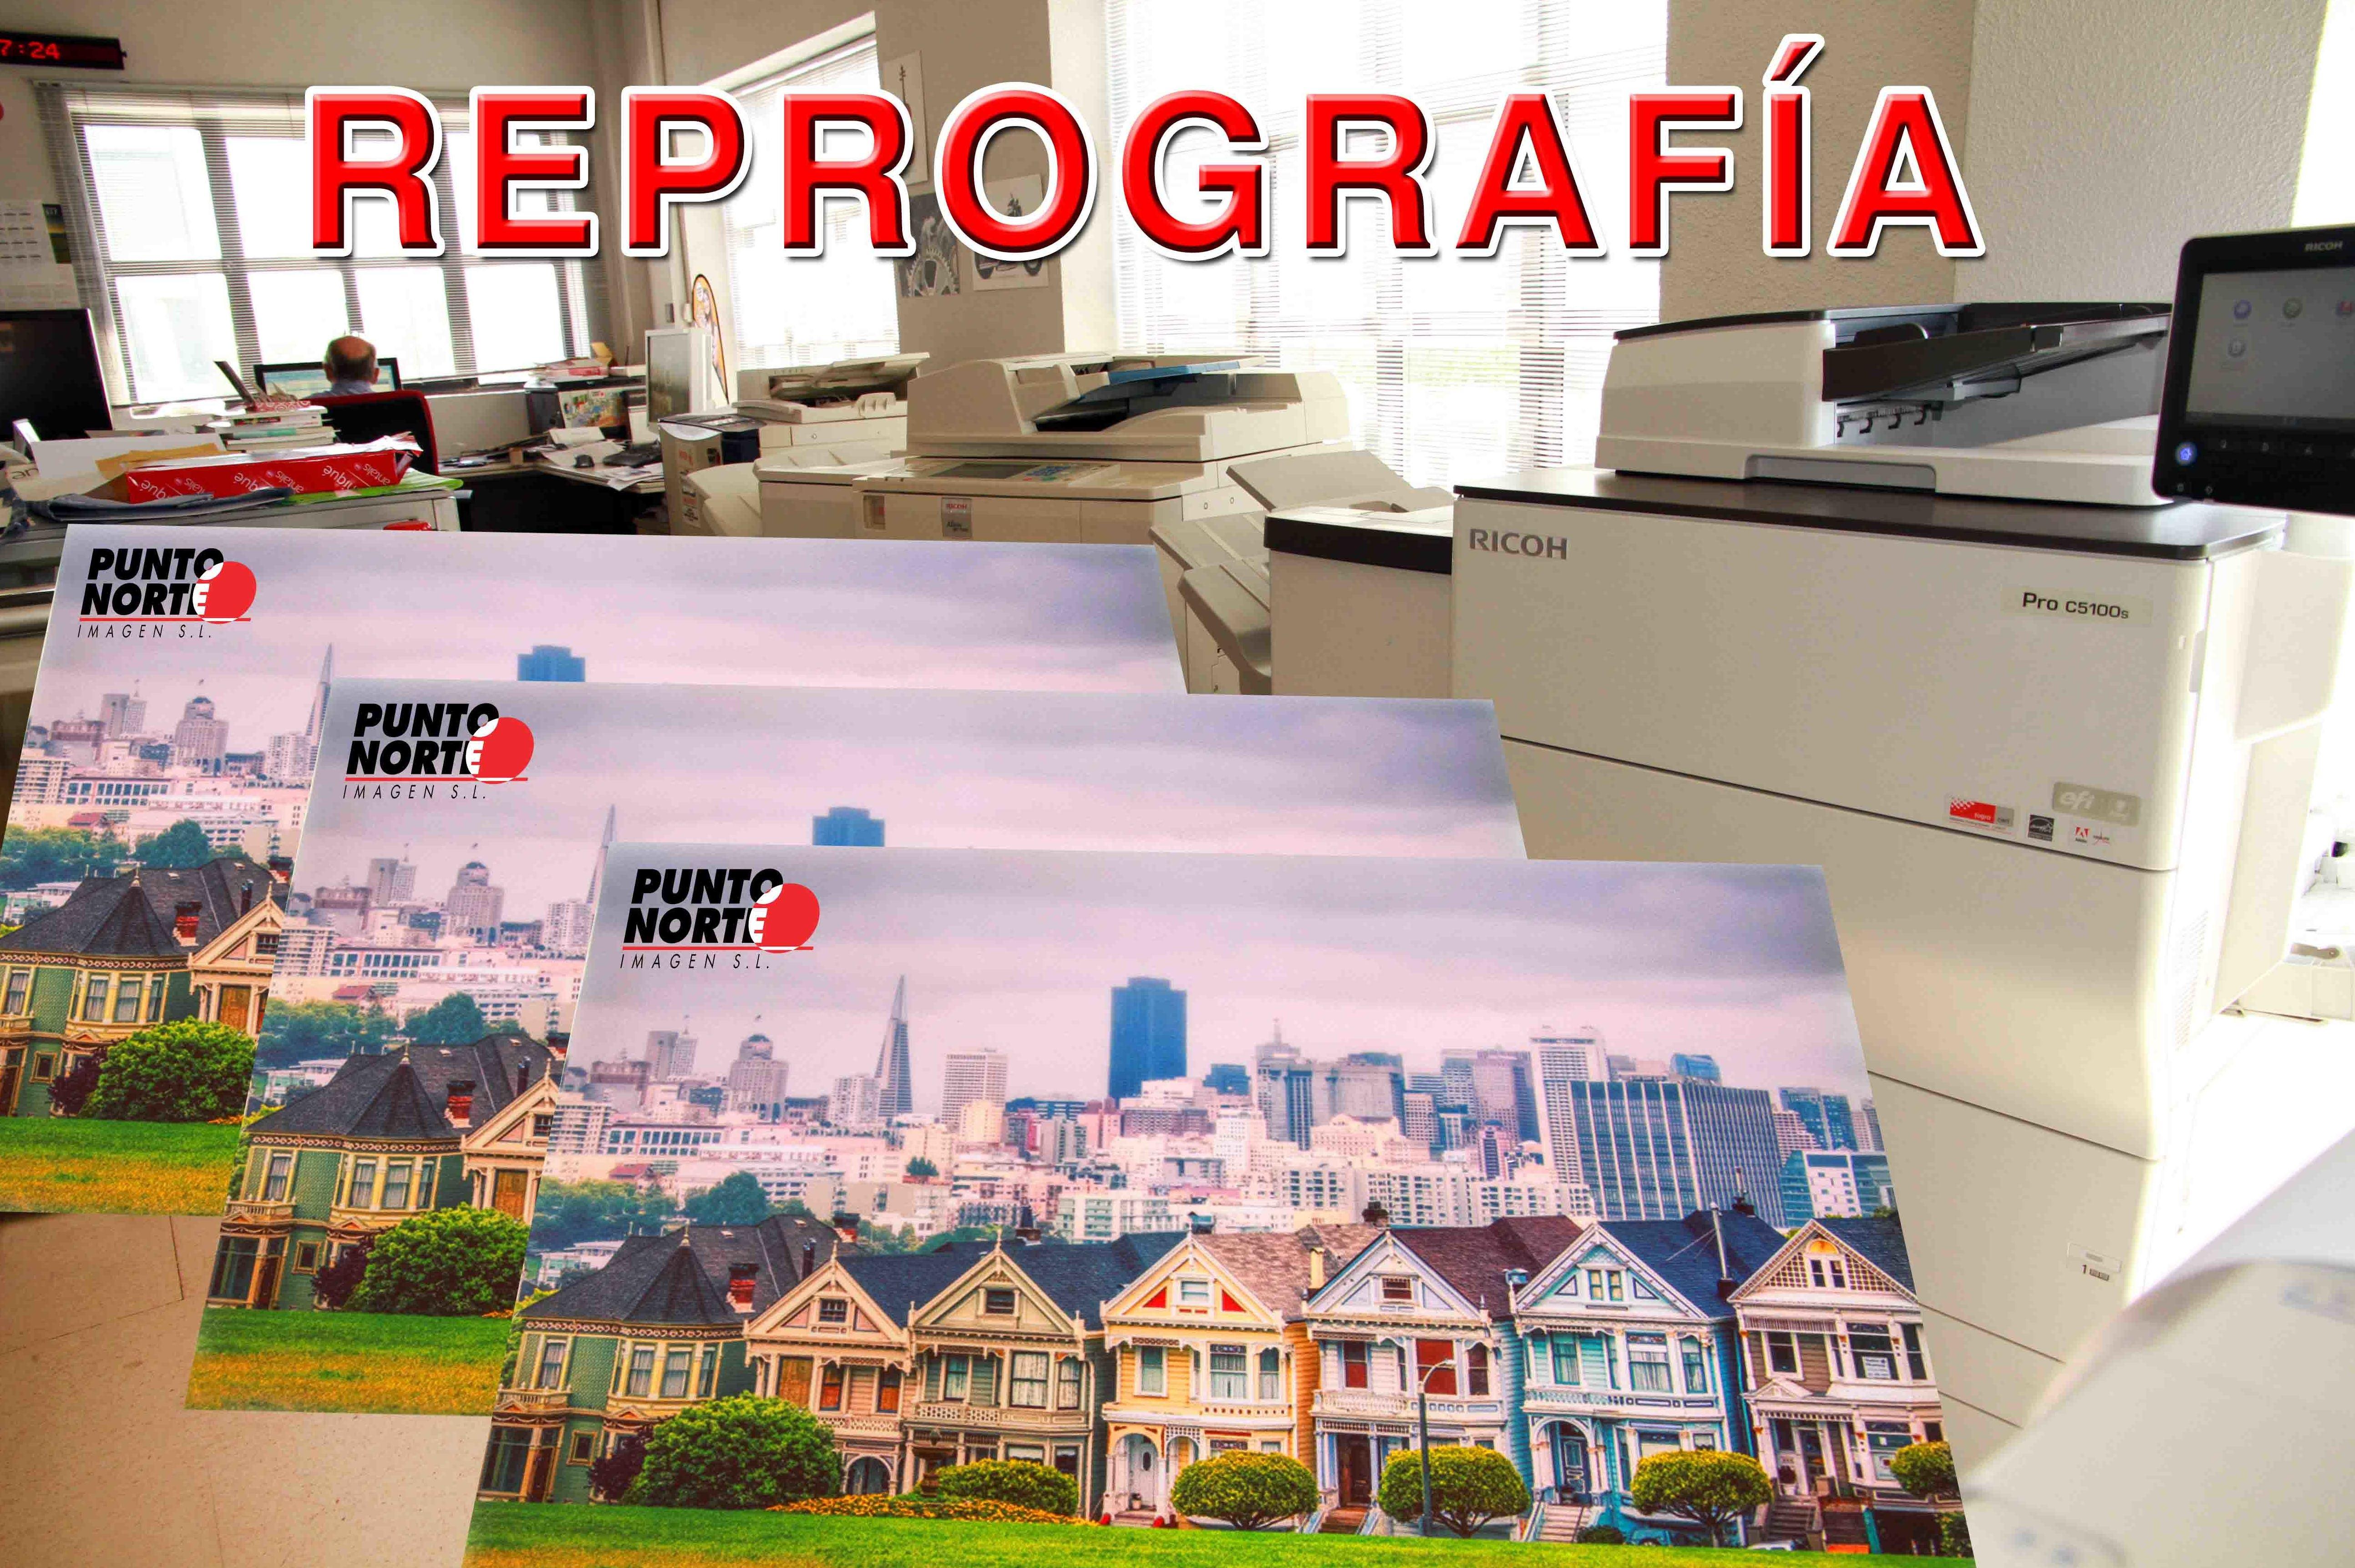 Reprografía / Copistería: Servicios de Punto Norte Imagen, S.L.